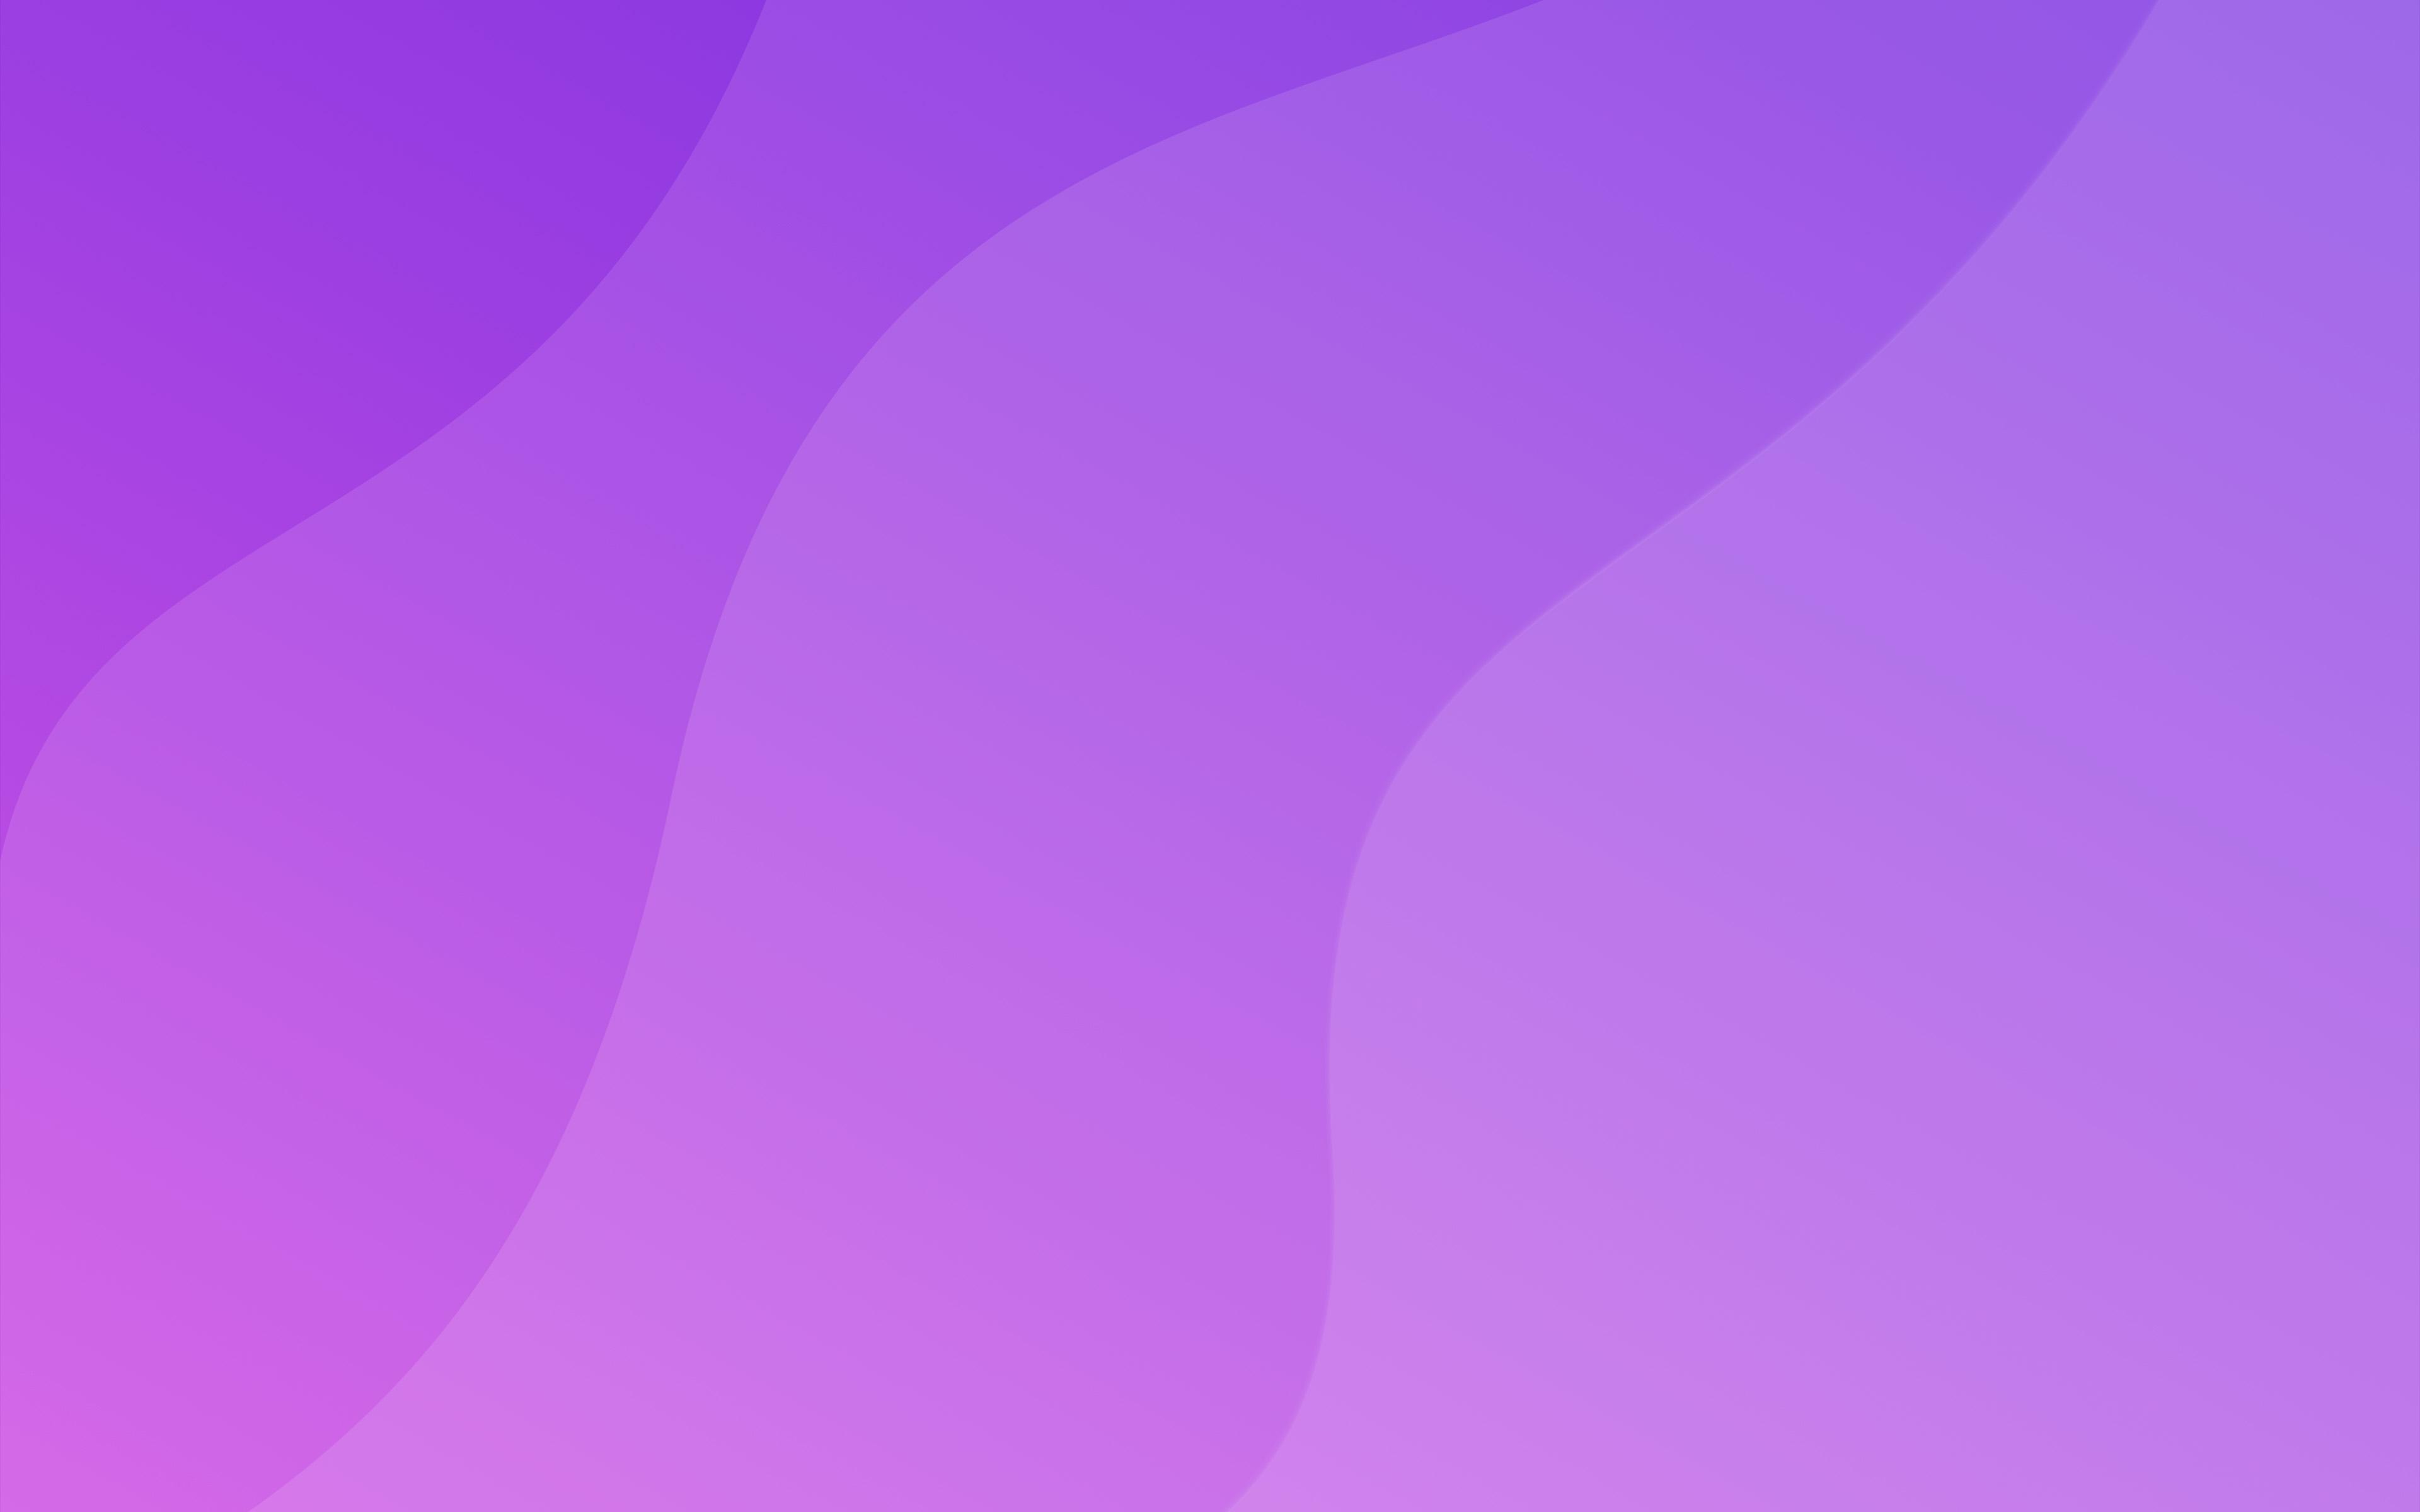 Fondos de pantalla Ondas 2D Degradado